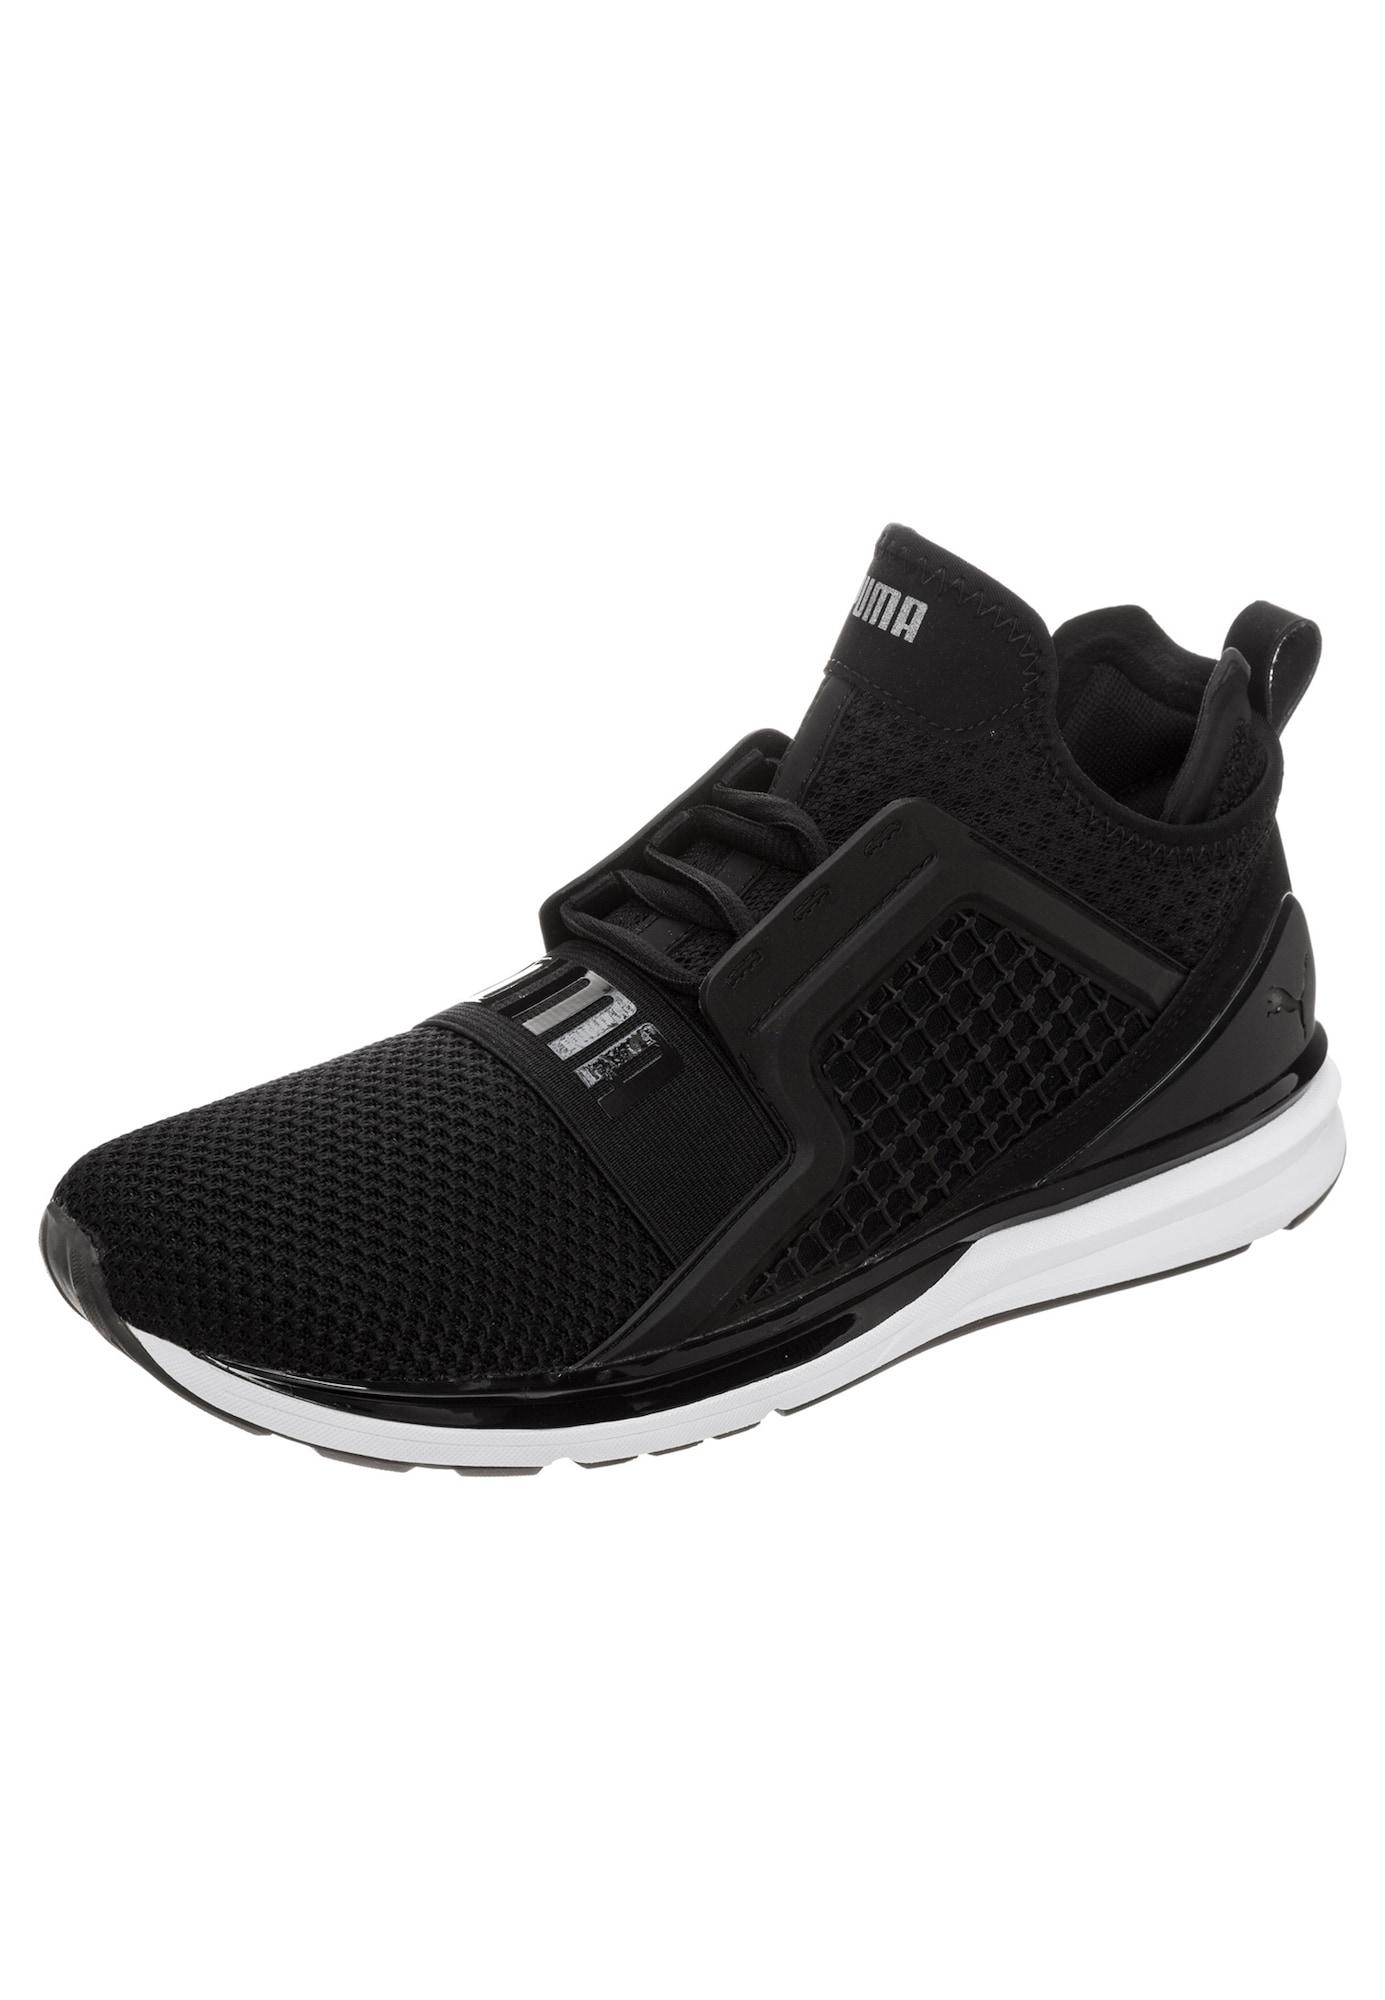 9e77148428c5e Puma Sneakers